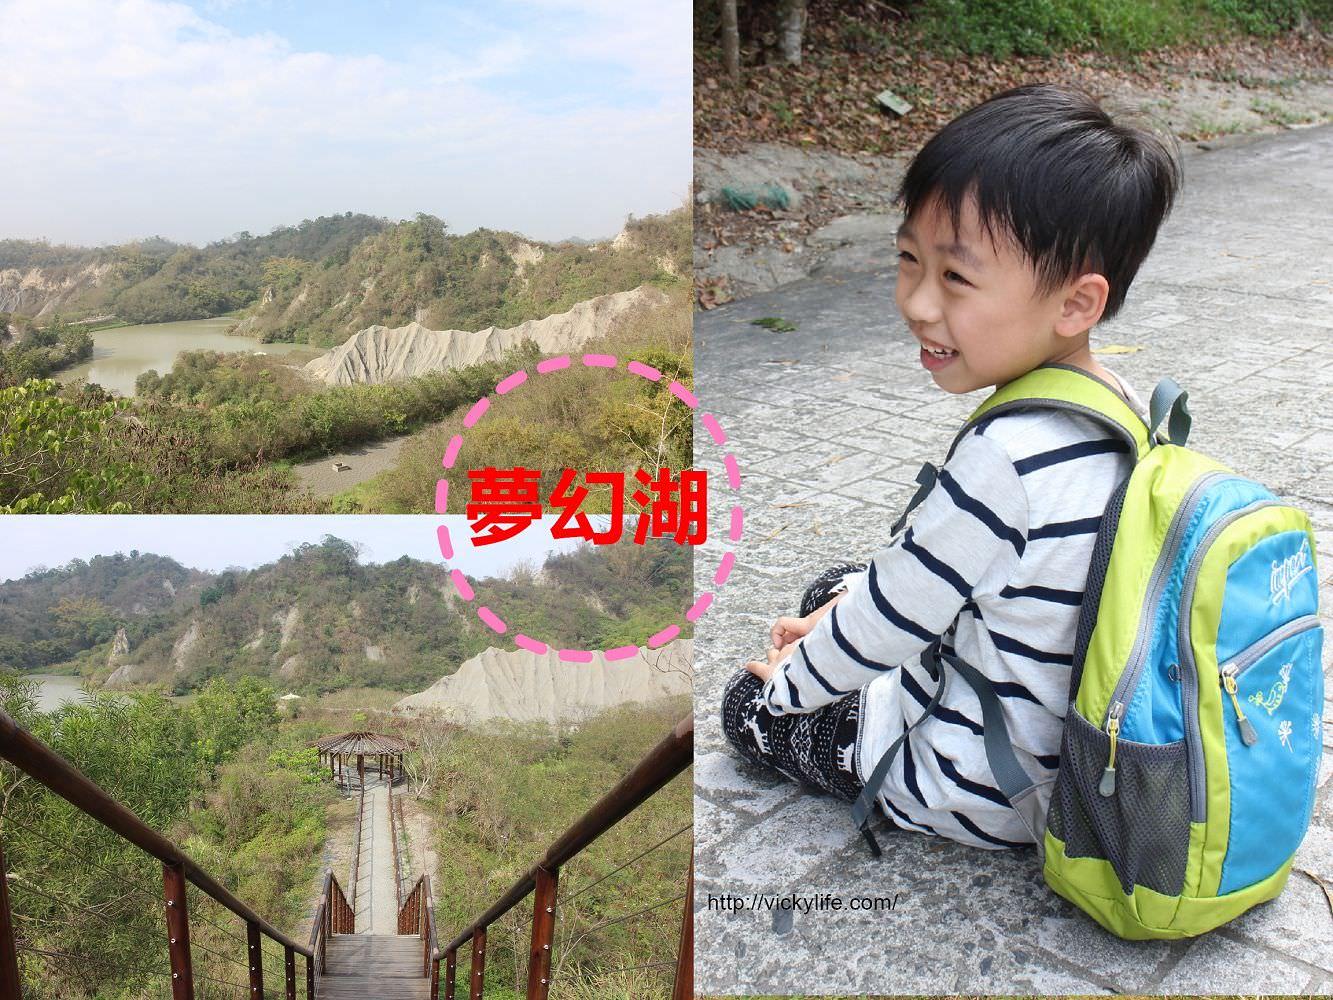 台南景點︱龍崎牛埔農塘夢幻湖:有飛碟、水中涼亭、水土保持示範場,這是絕佳綠繪本概念哪